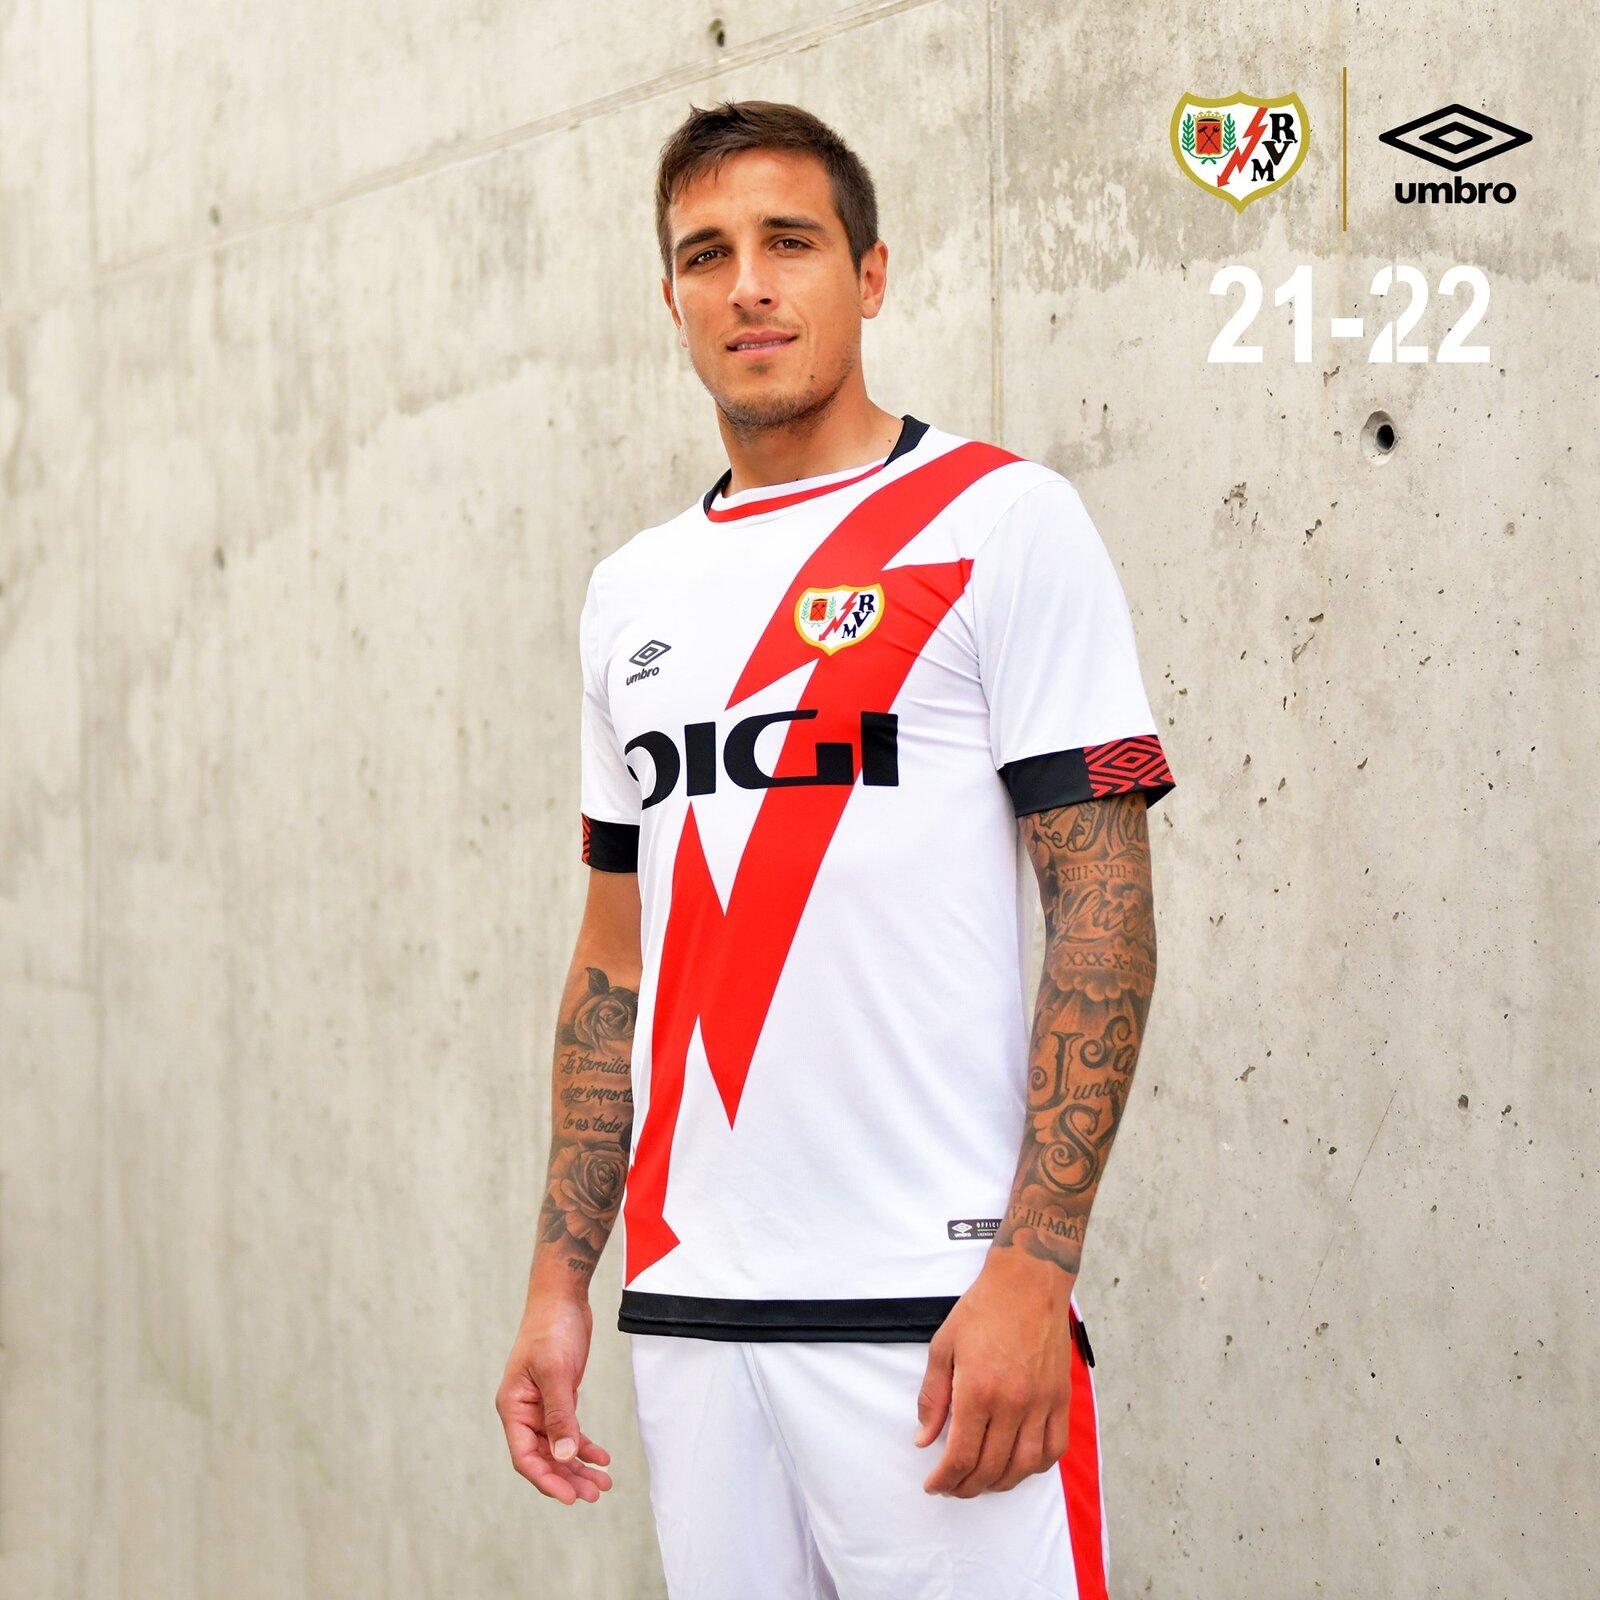 rayo_vallecano_2021_2022_shirts_a.jpeg